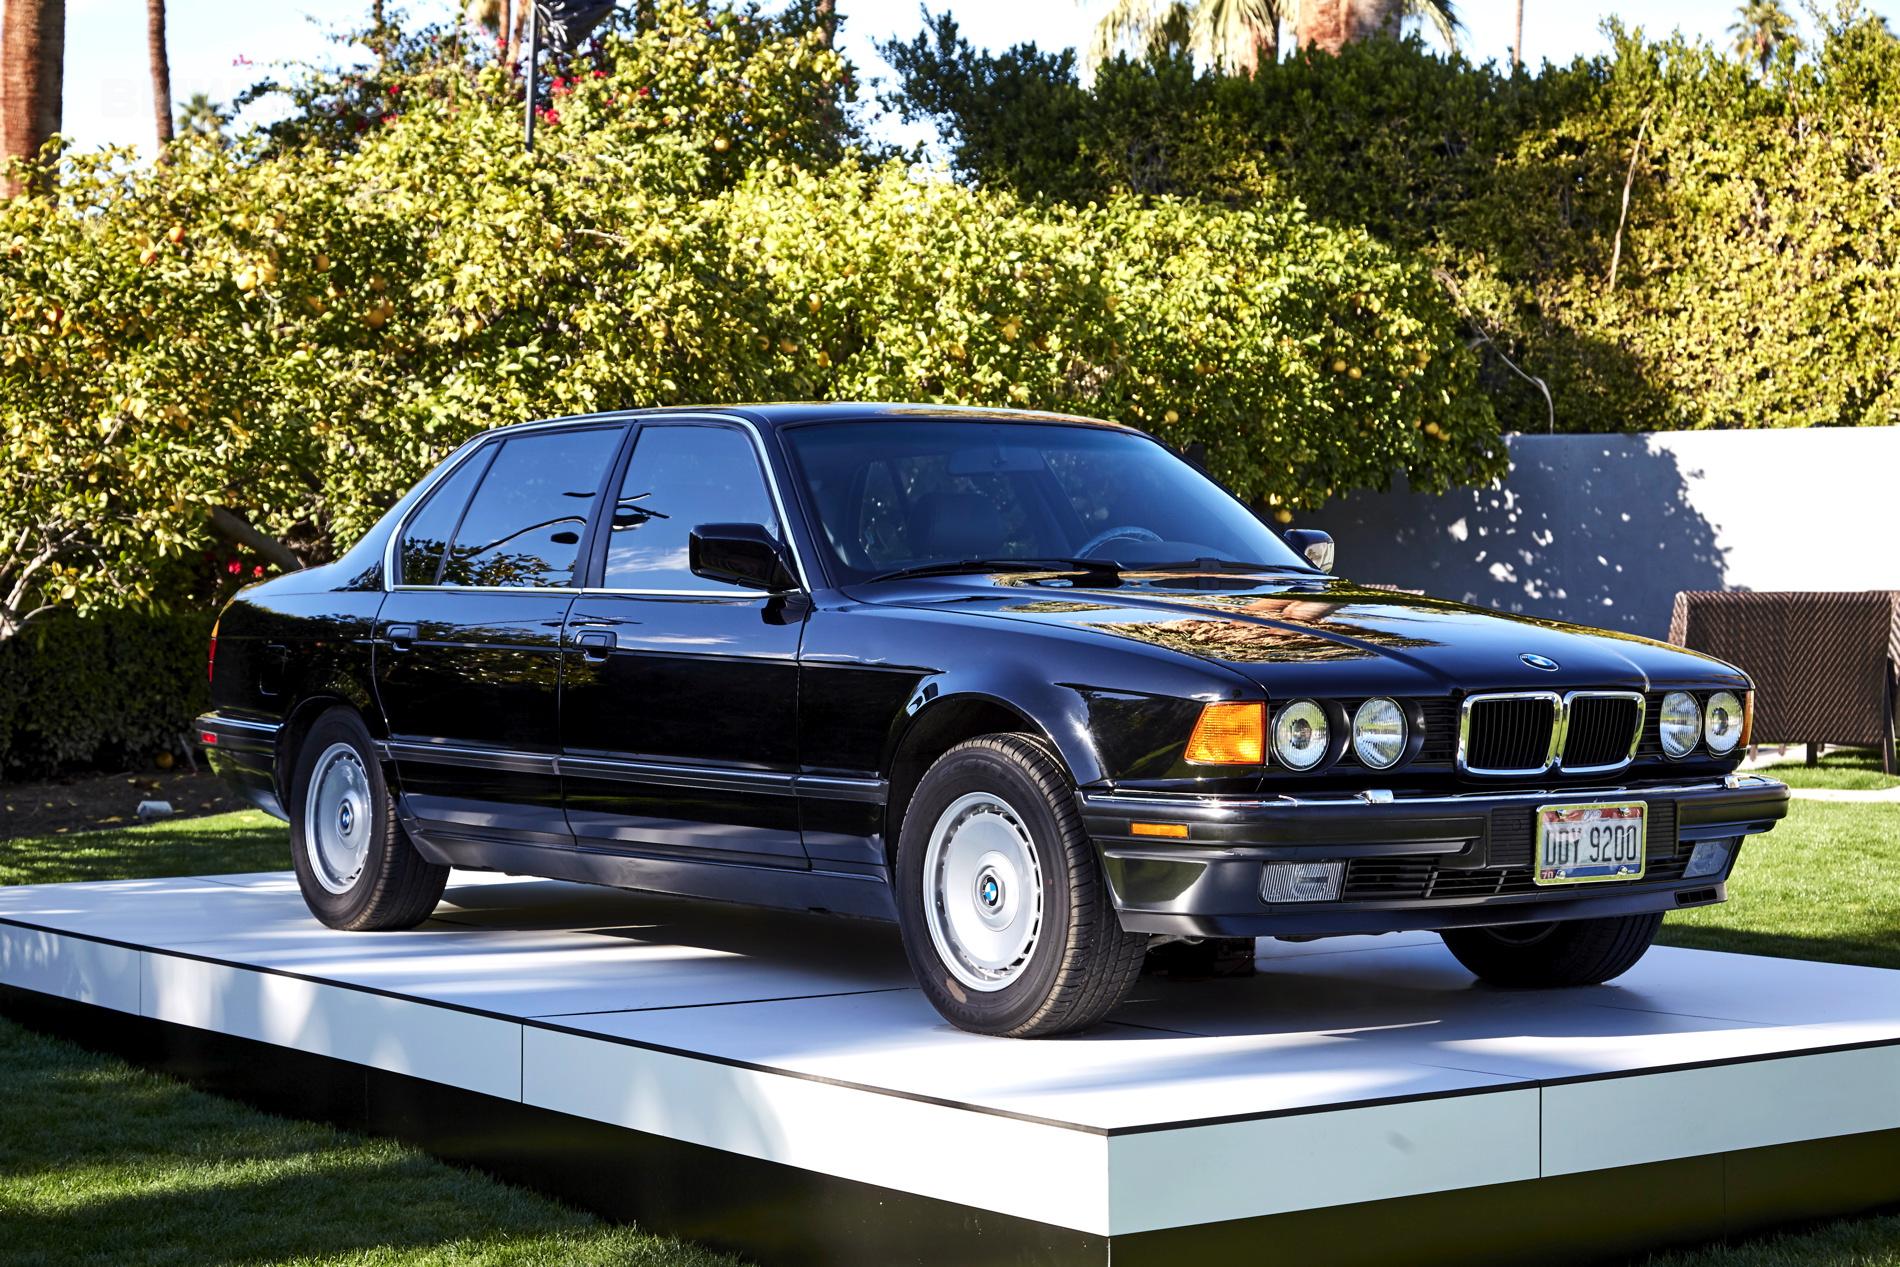 E32 BMW 750iL images 02